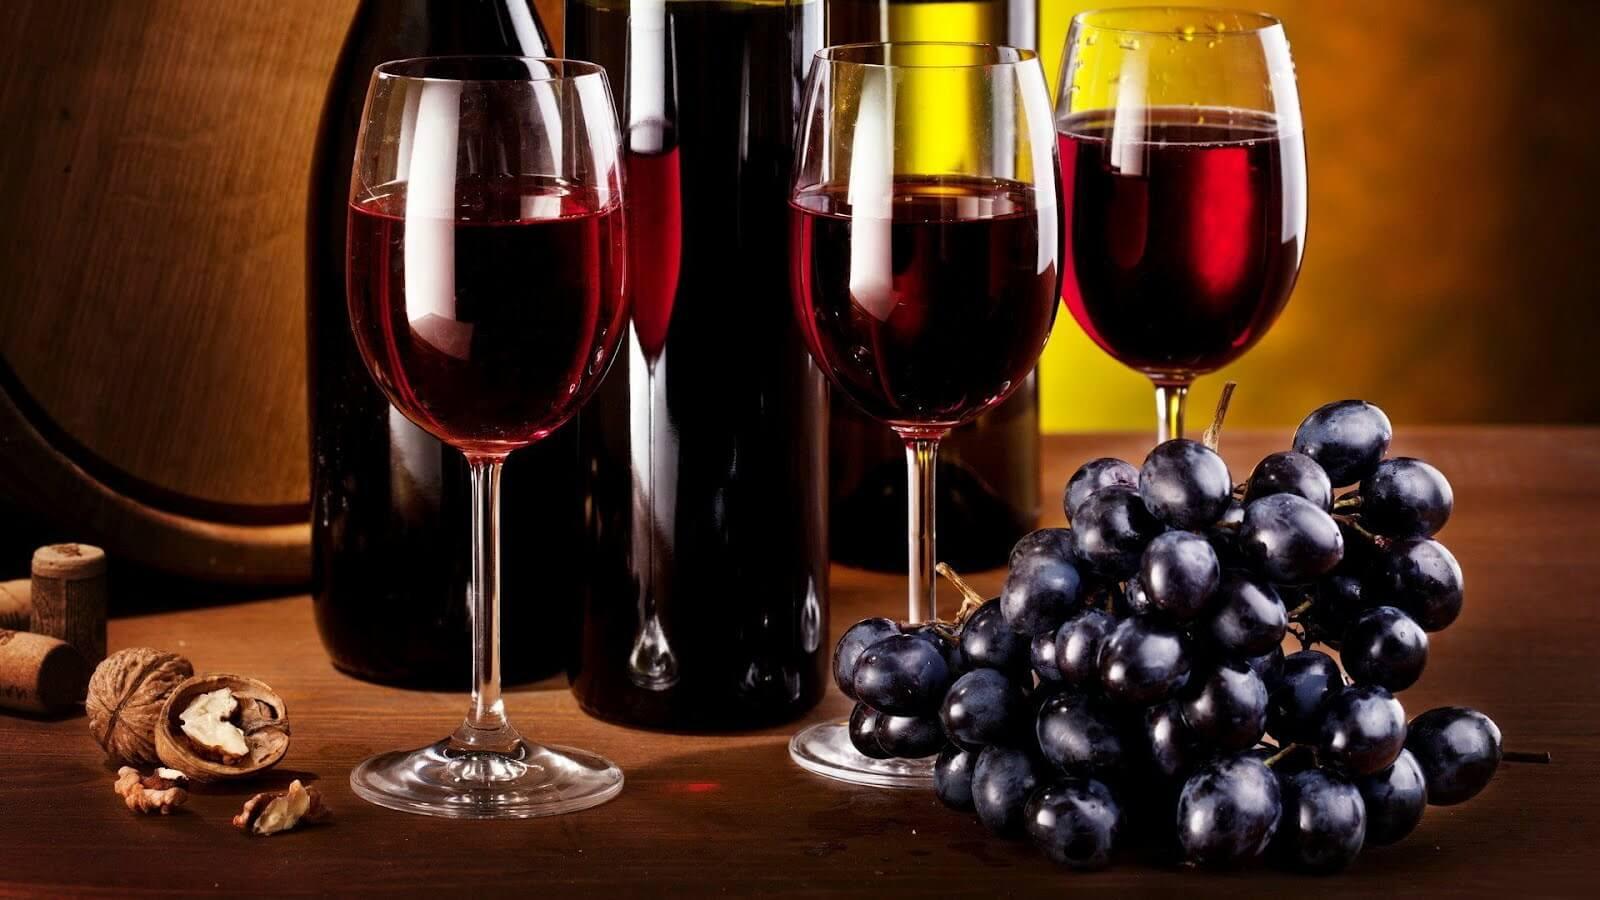 8 mythes sur le vin qu'il faut cesser de croire